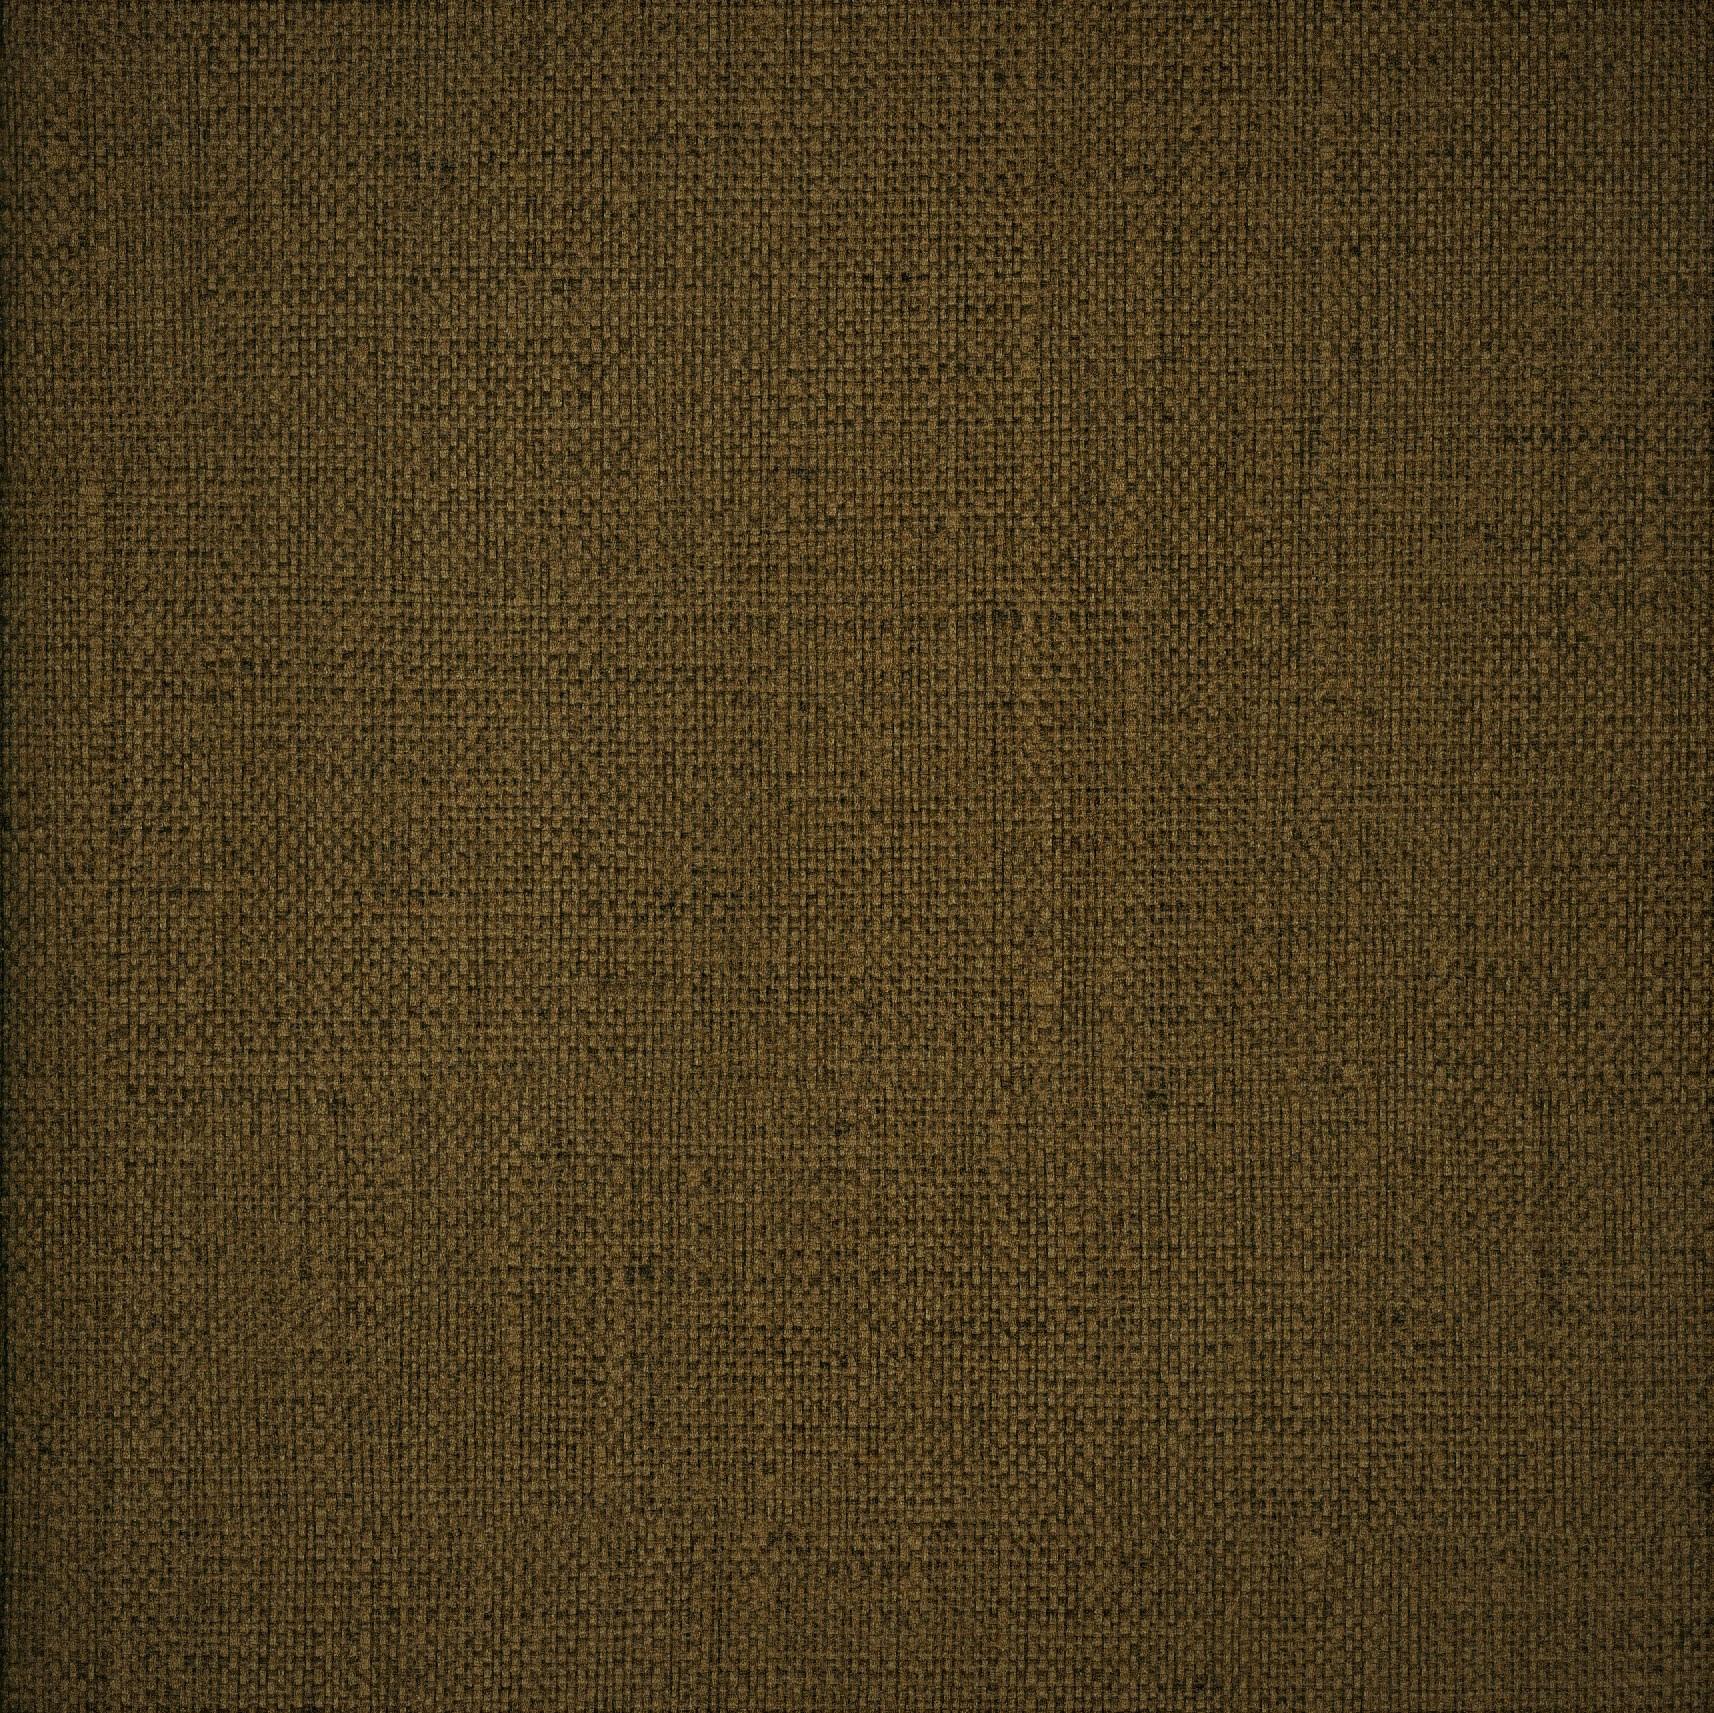 Papel de Parede Pure 2 Aspecto Têxtil 187306 - Rolo: 10m x 0,53m